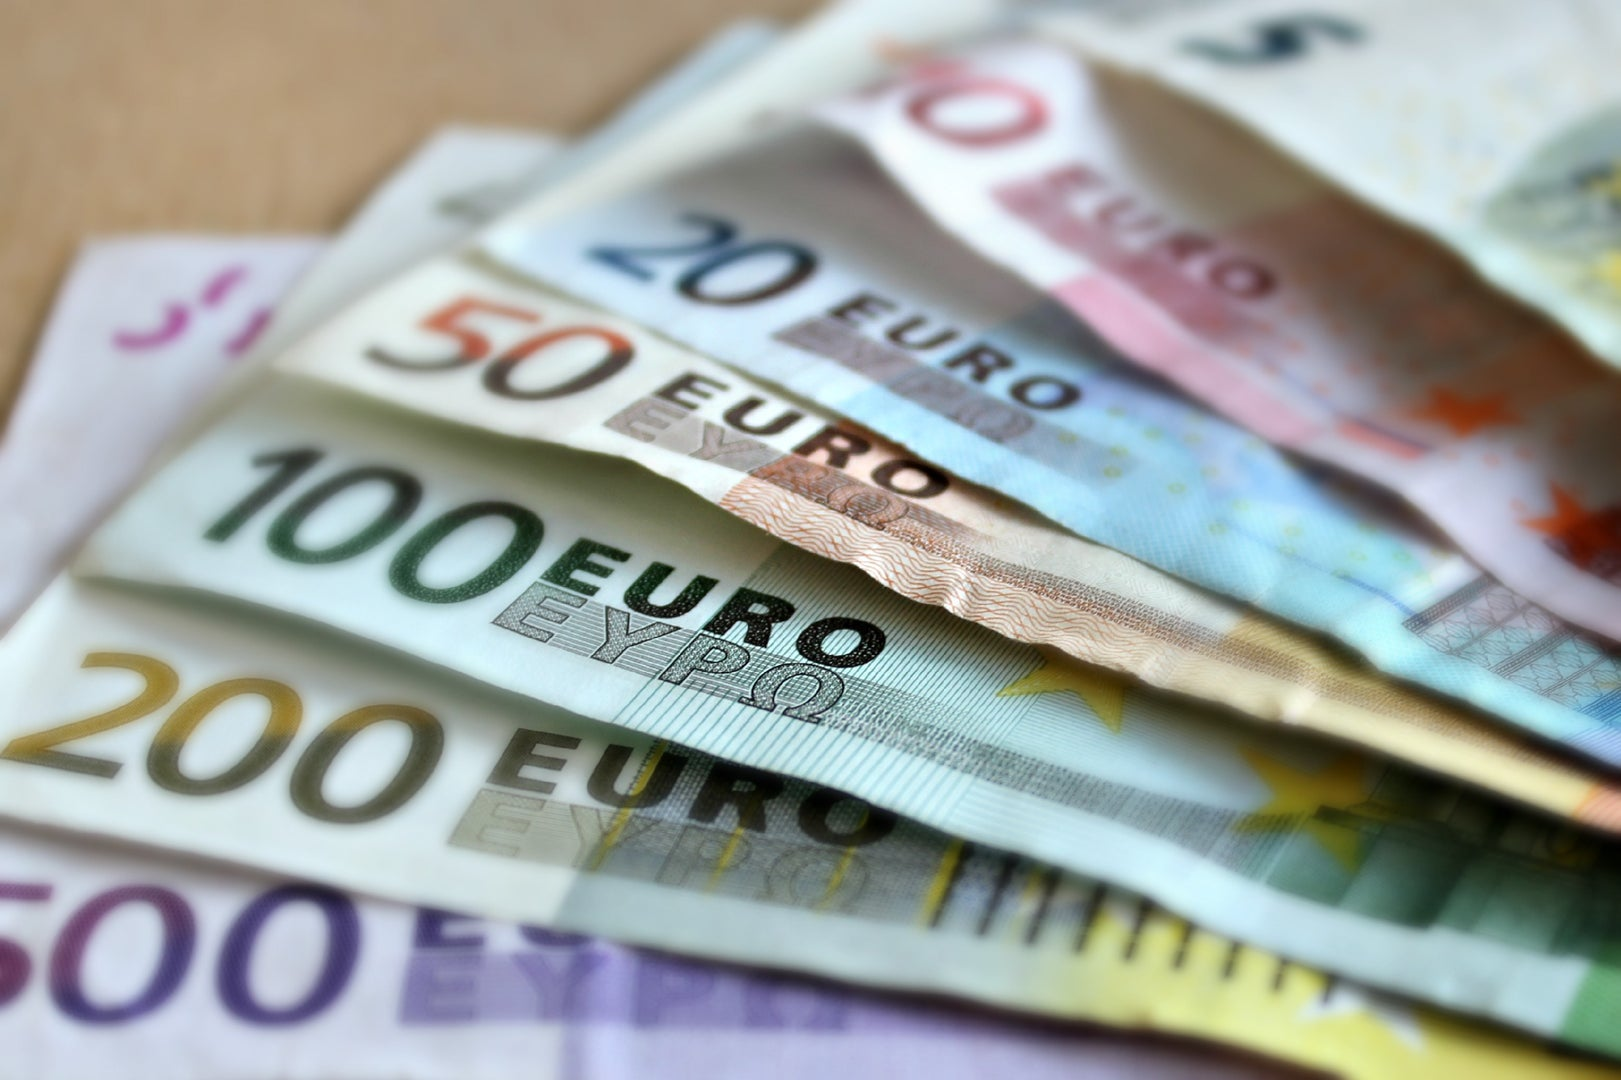 https://assets-us-01.kc-usercontent.com:443/8b647cc8-e8a8-00cc-ac9b-ea38ce6ca77e/6ea370da-85cb-4402-a883-54d0975ce094/bank-note-euro-bills-paper-money-63635.jpeg?w=1920&h=1080&fit=clip&auto=format&fm=jpg